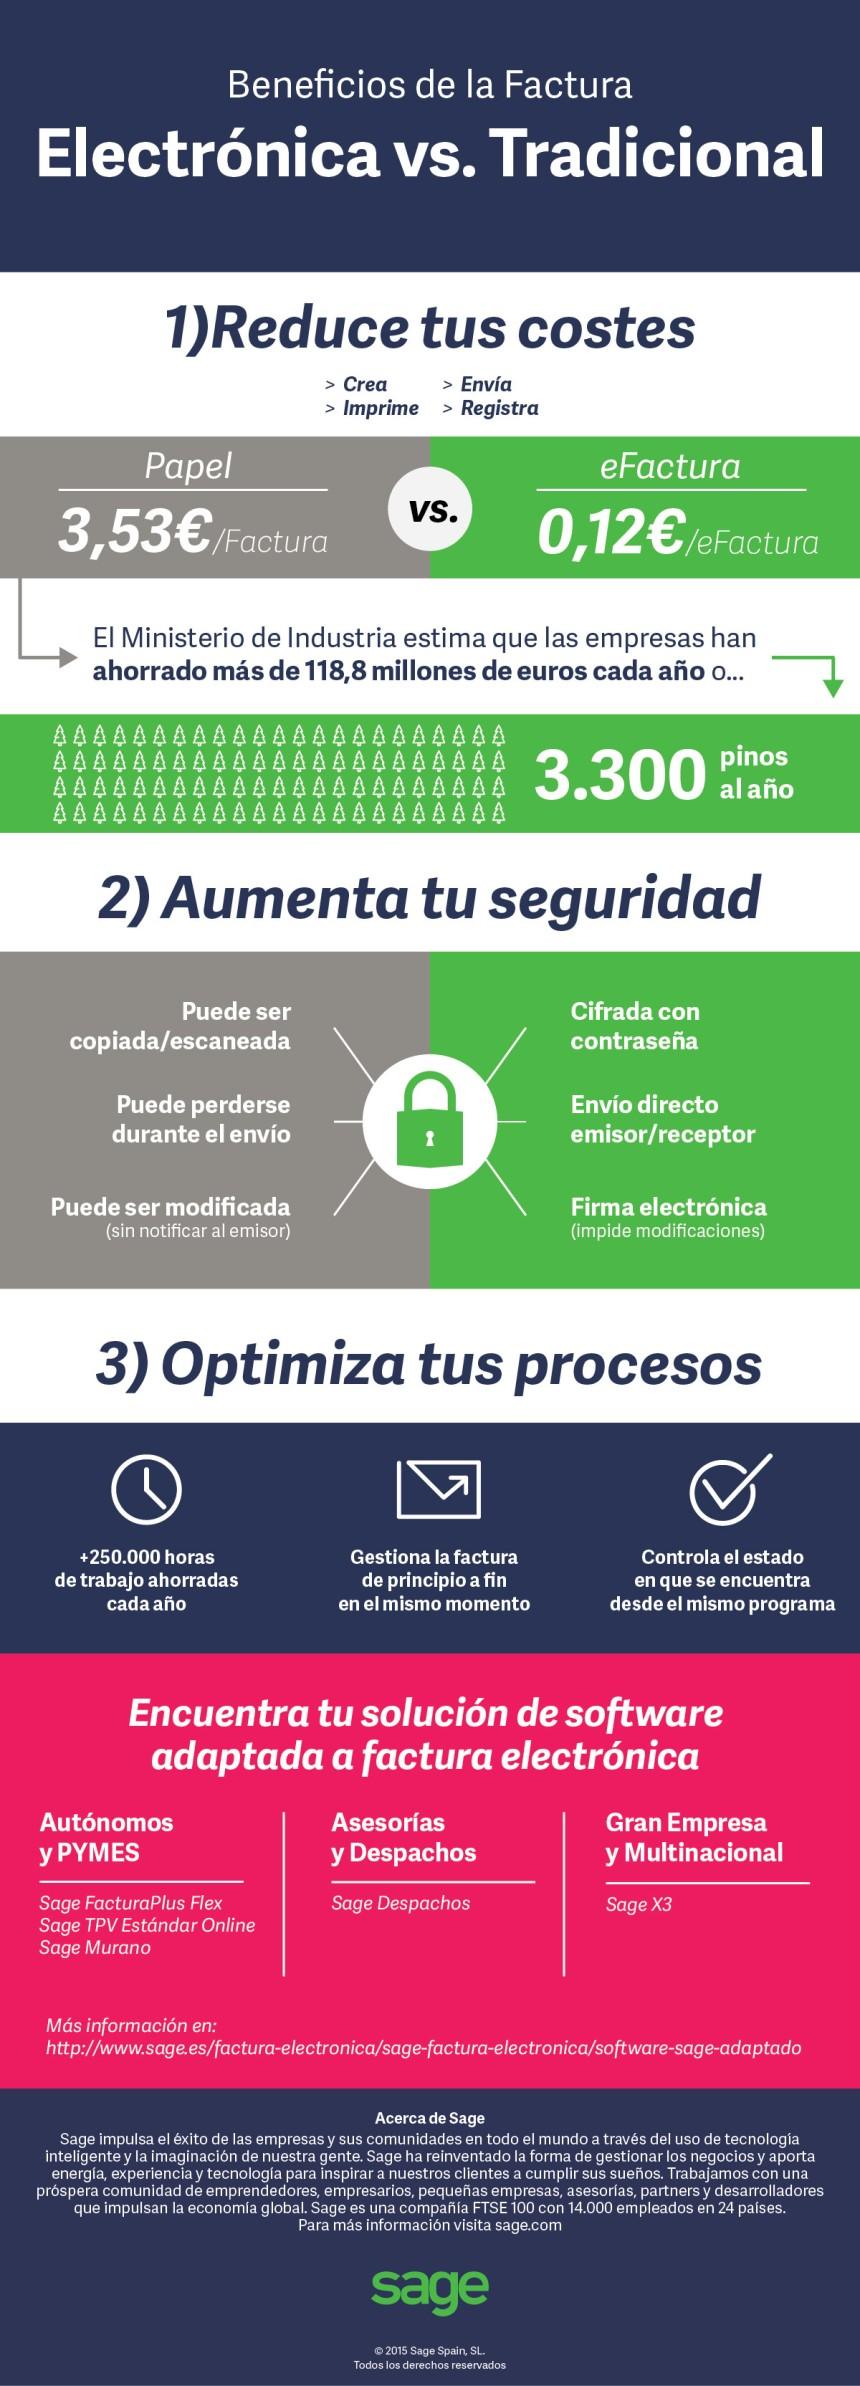 Beneficios de la factura electrónica vs tradicional